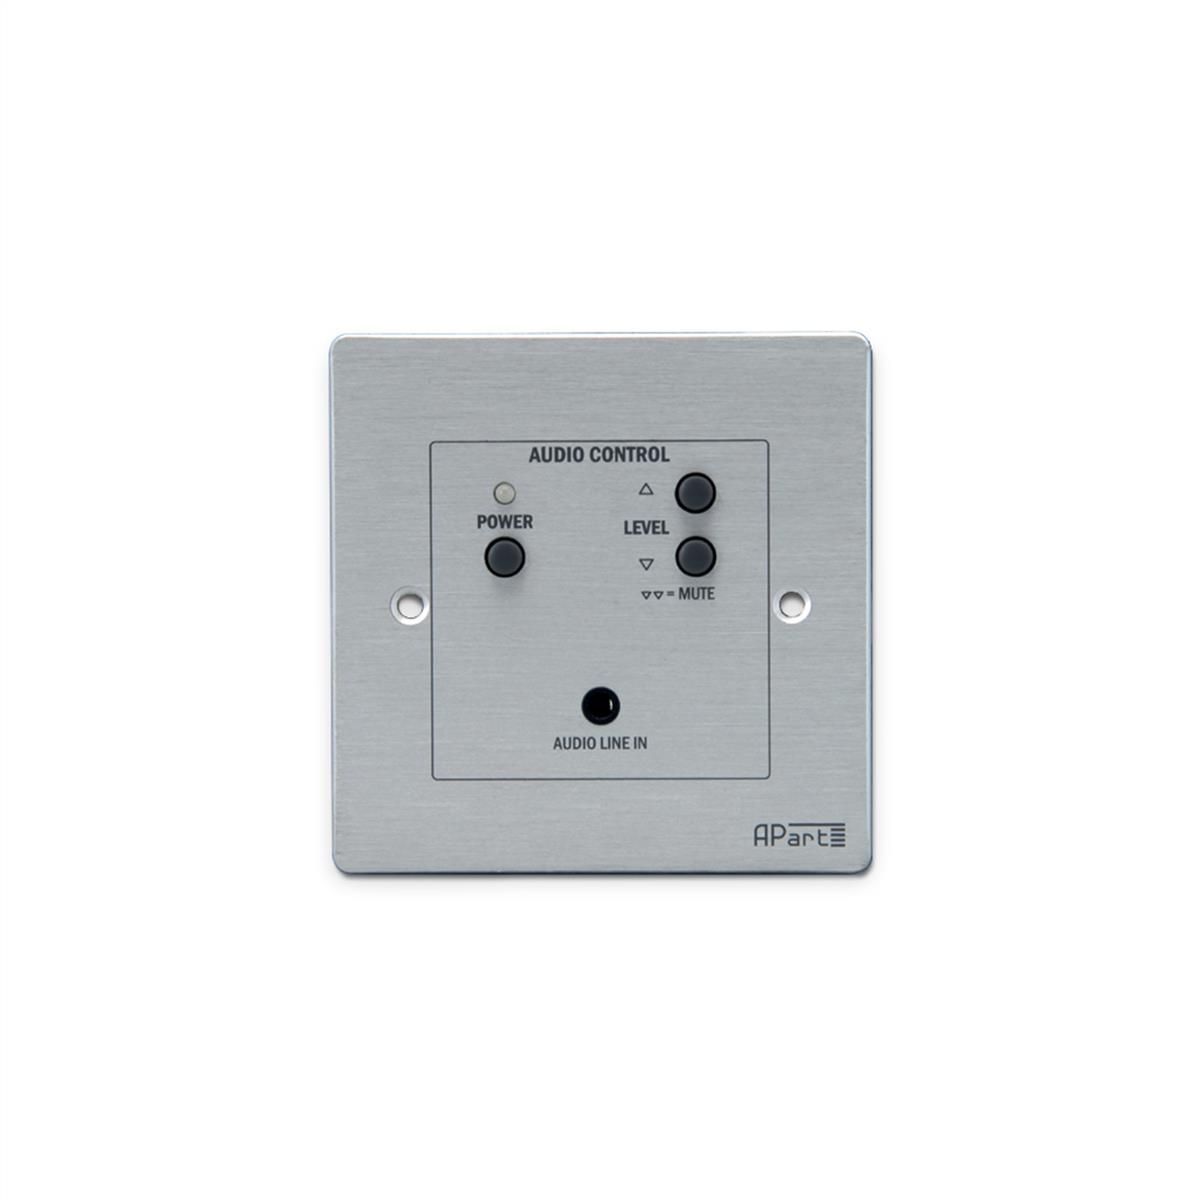 Apart audio kontrol panel med premanent tilkoblet via RJ45